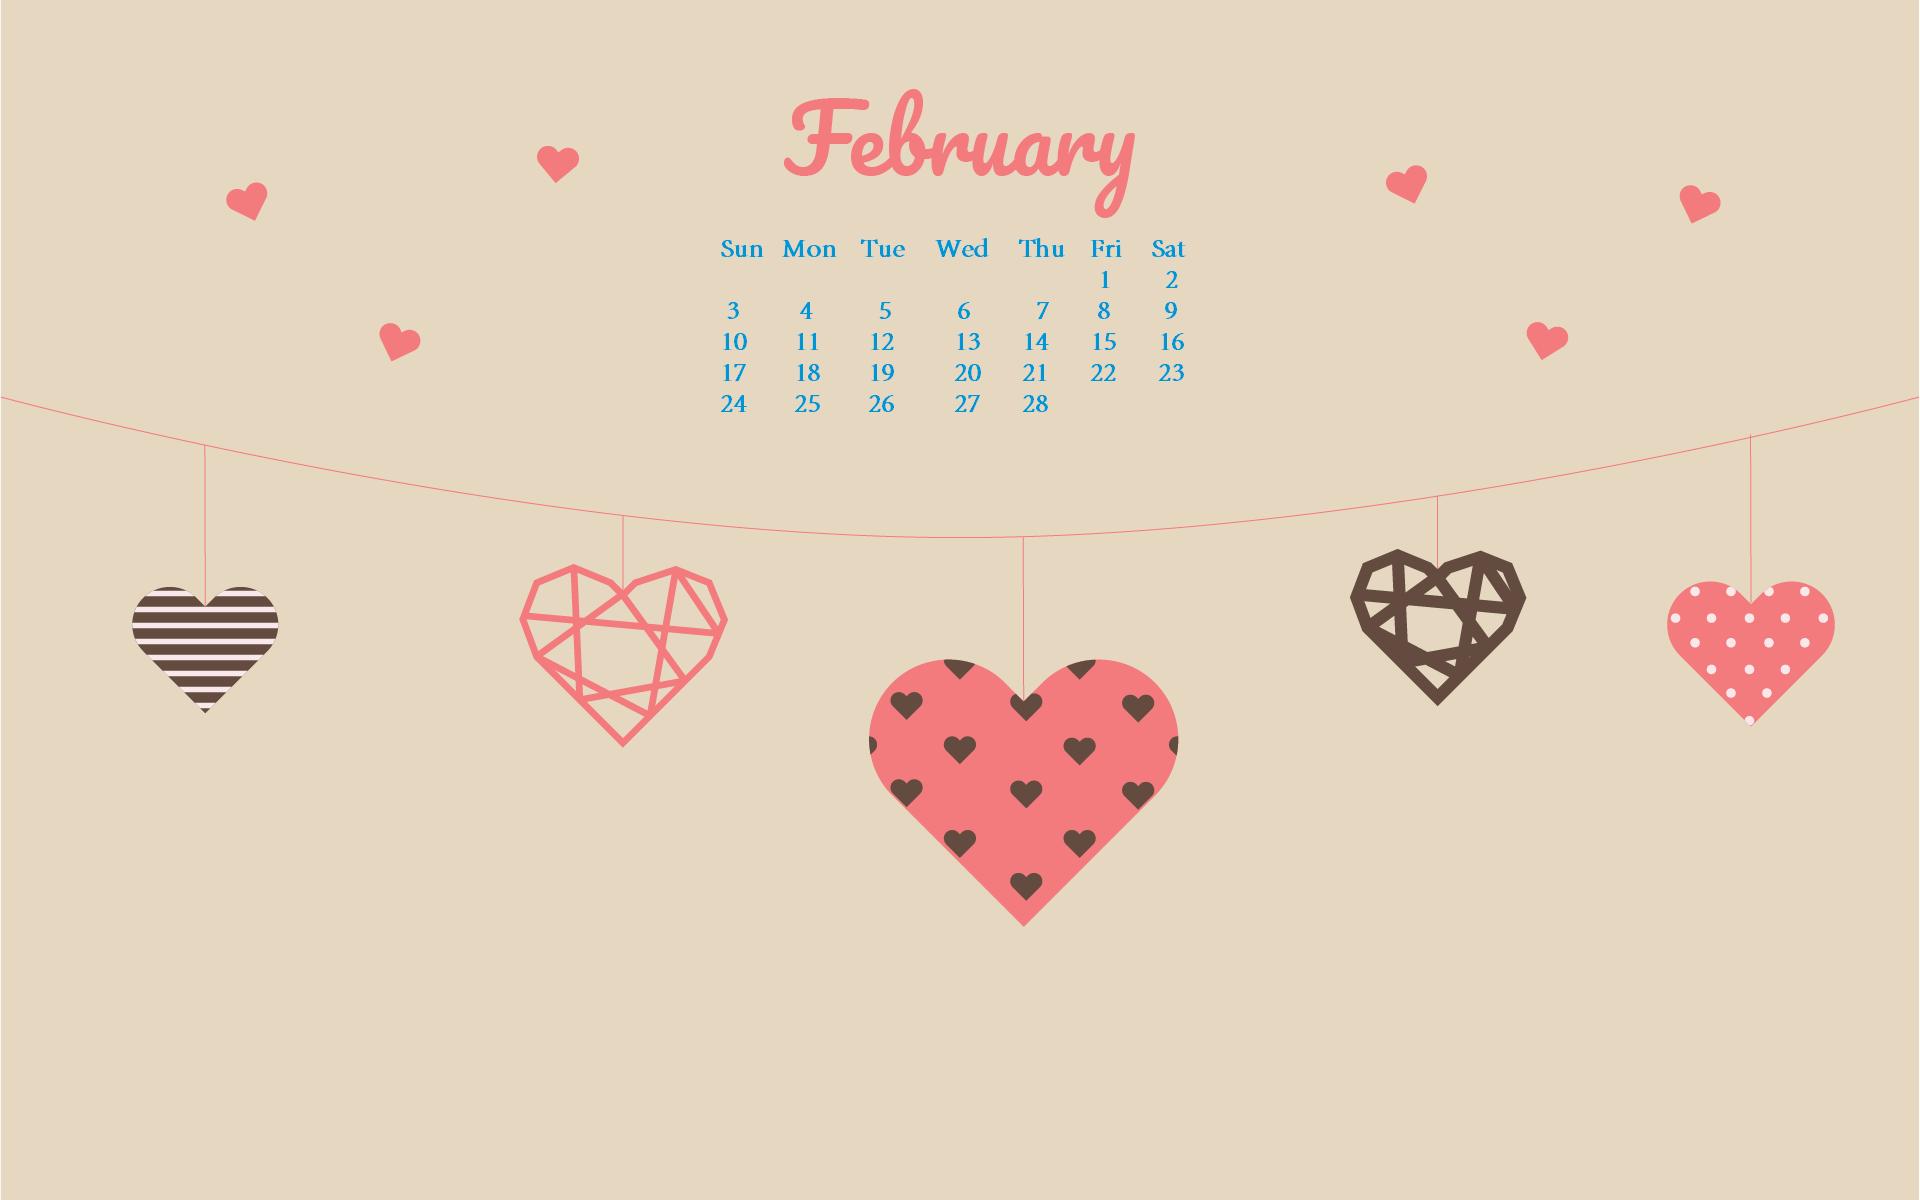 February 2019 Hd Desktop Calendar Wallpaper February 2019february Februarycalendar2019 Desktopcal Calendar Wallpaper Calendar 2019 Desktop Desktop Calendar